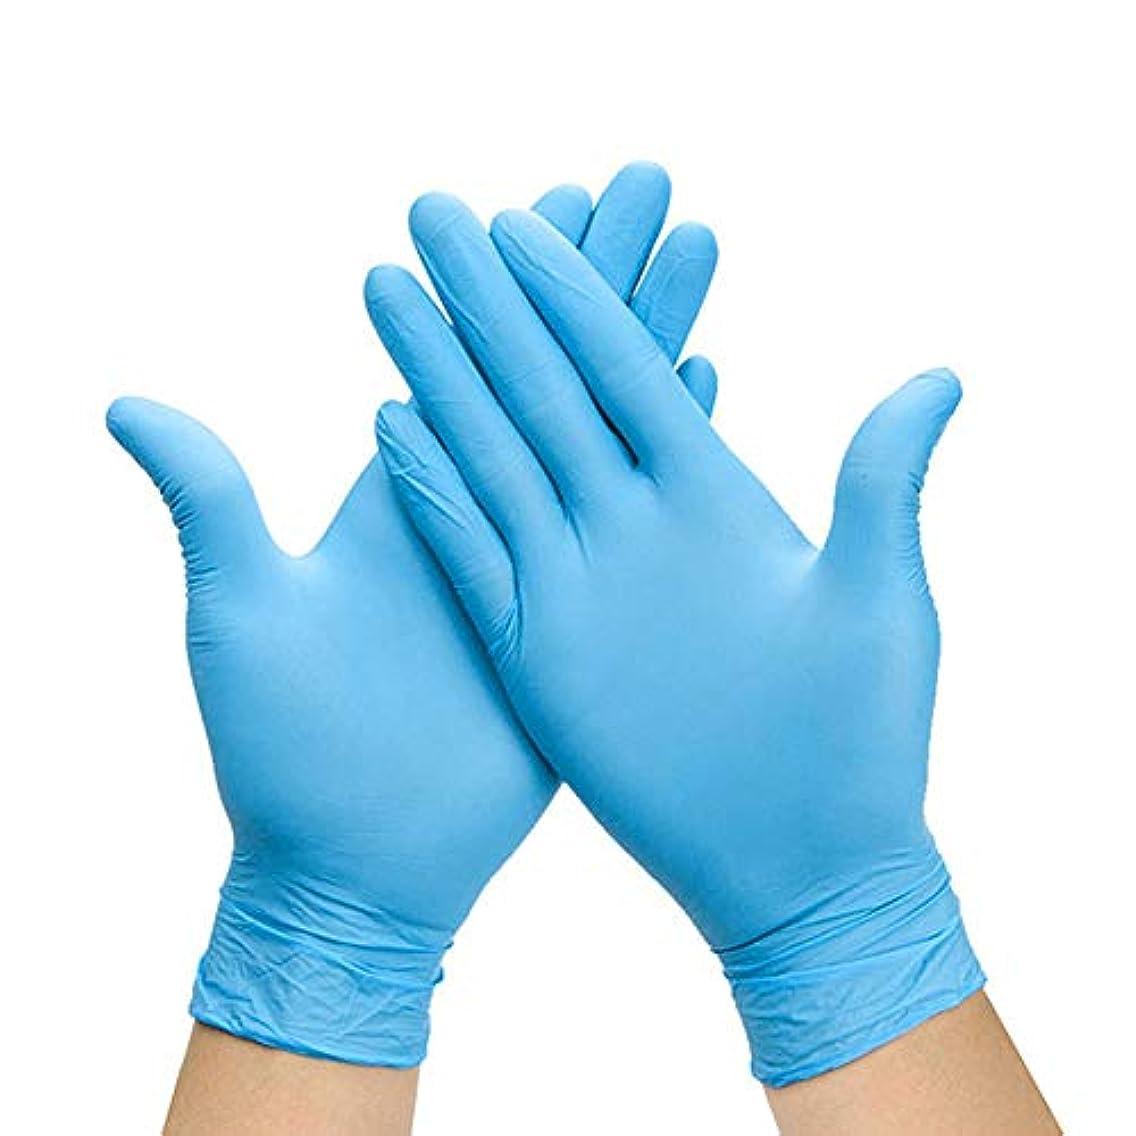 敏感な有毒なプラカードBesline 使い捨て手袋 ゴム手袋滑り止め表面肥厚使い捨て手袋食品グレード手袋、ラテックスゴムフリー、100個